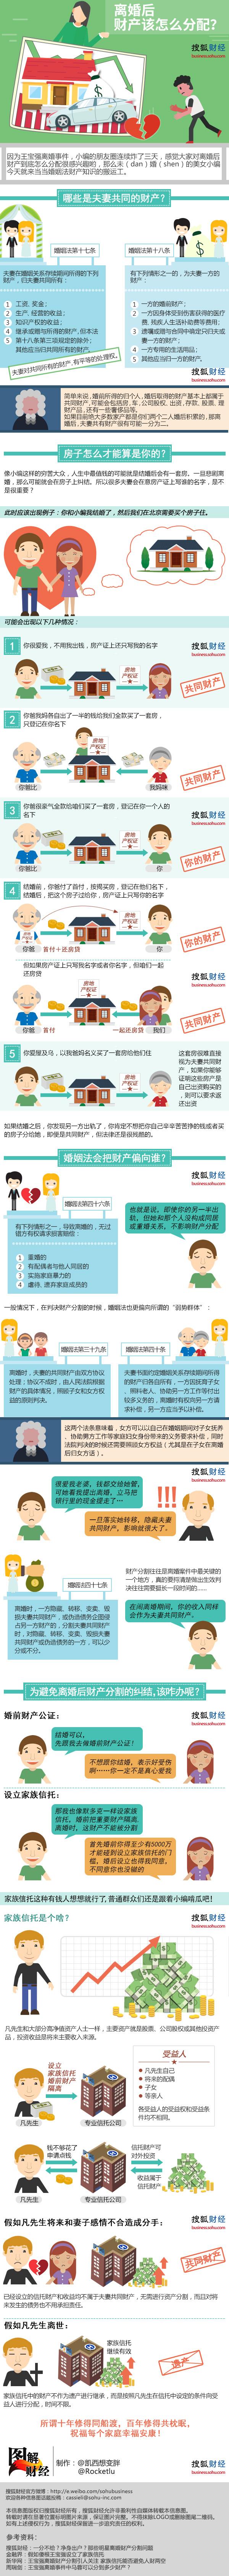 离婚后财产该怎么分配 - 好运来房產袁维涛 - 建湖县好运来房产13092110009